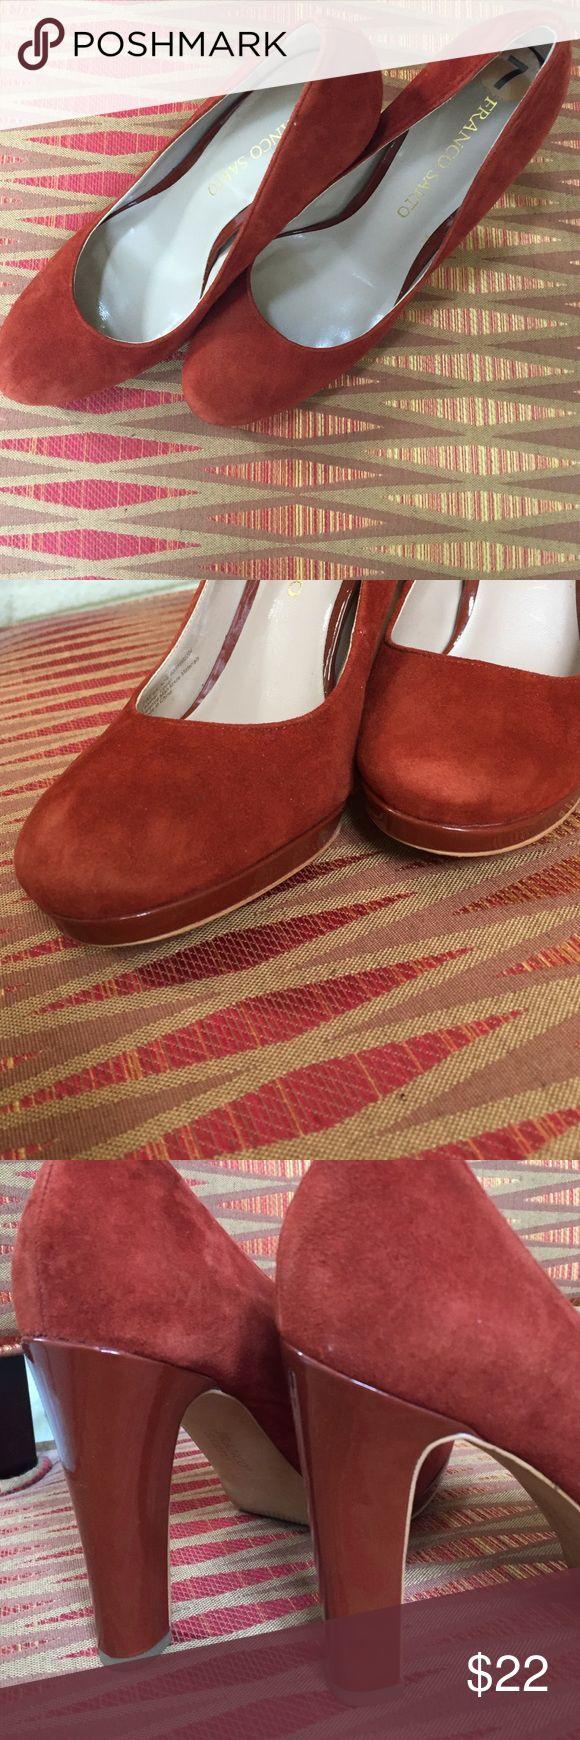 Franco Sarto Platform Shoes 👠. Gentlely worn. Suede Burnt orange platform shoes size 7. Half inch platform 3 inch heel. Gently worn. Franco Sarto Shoes Platforms